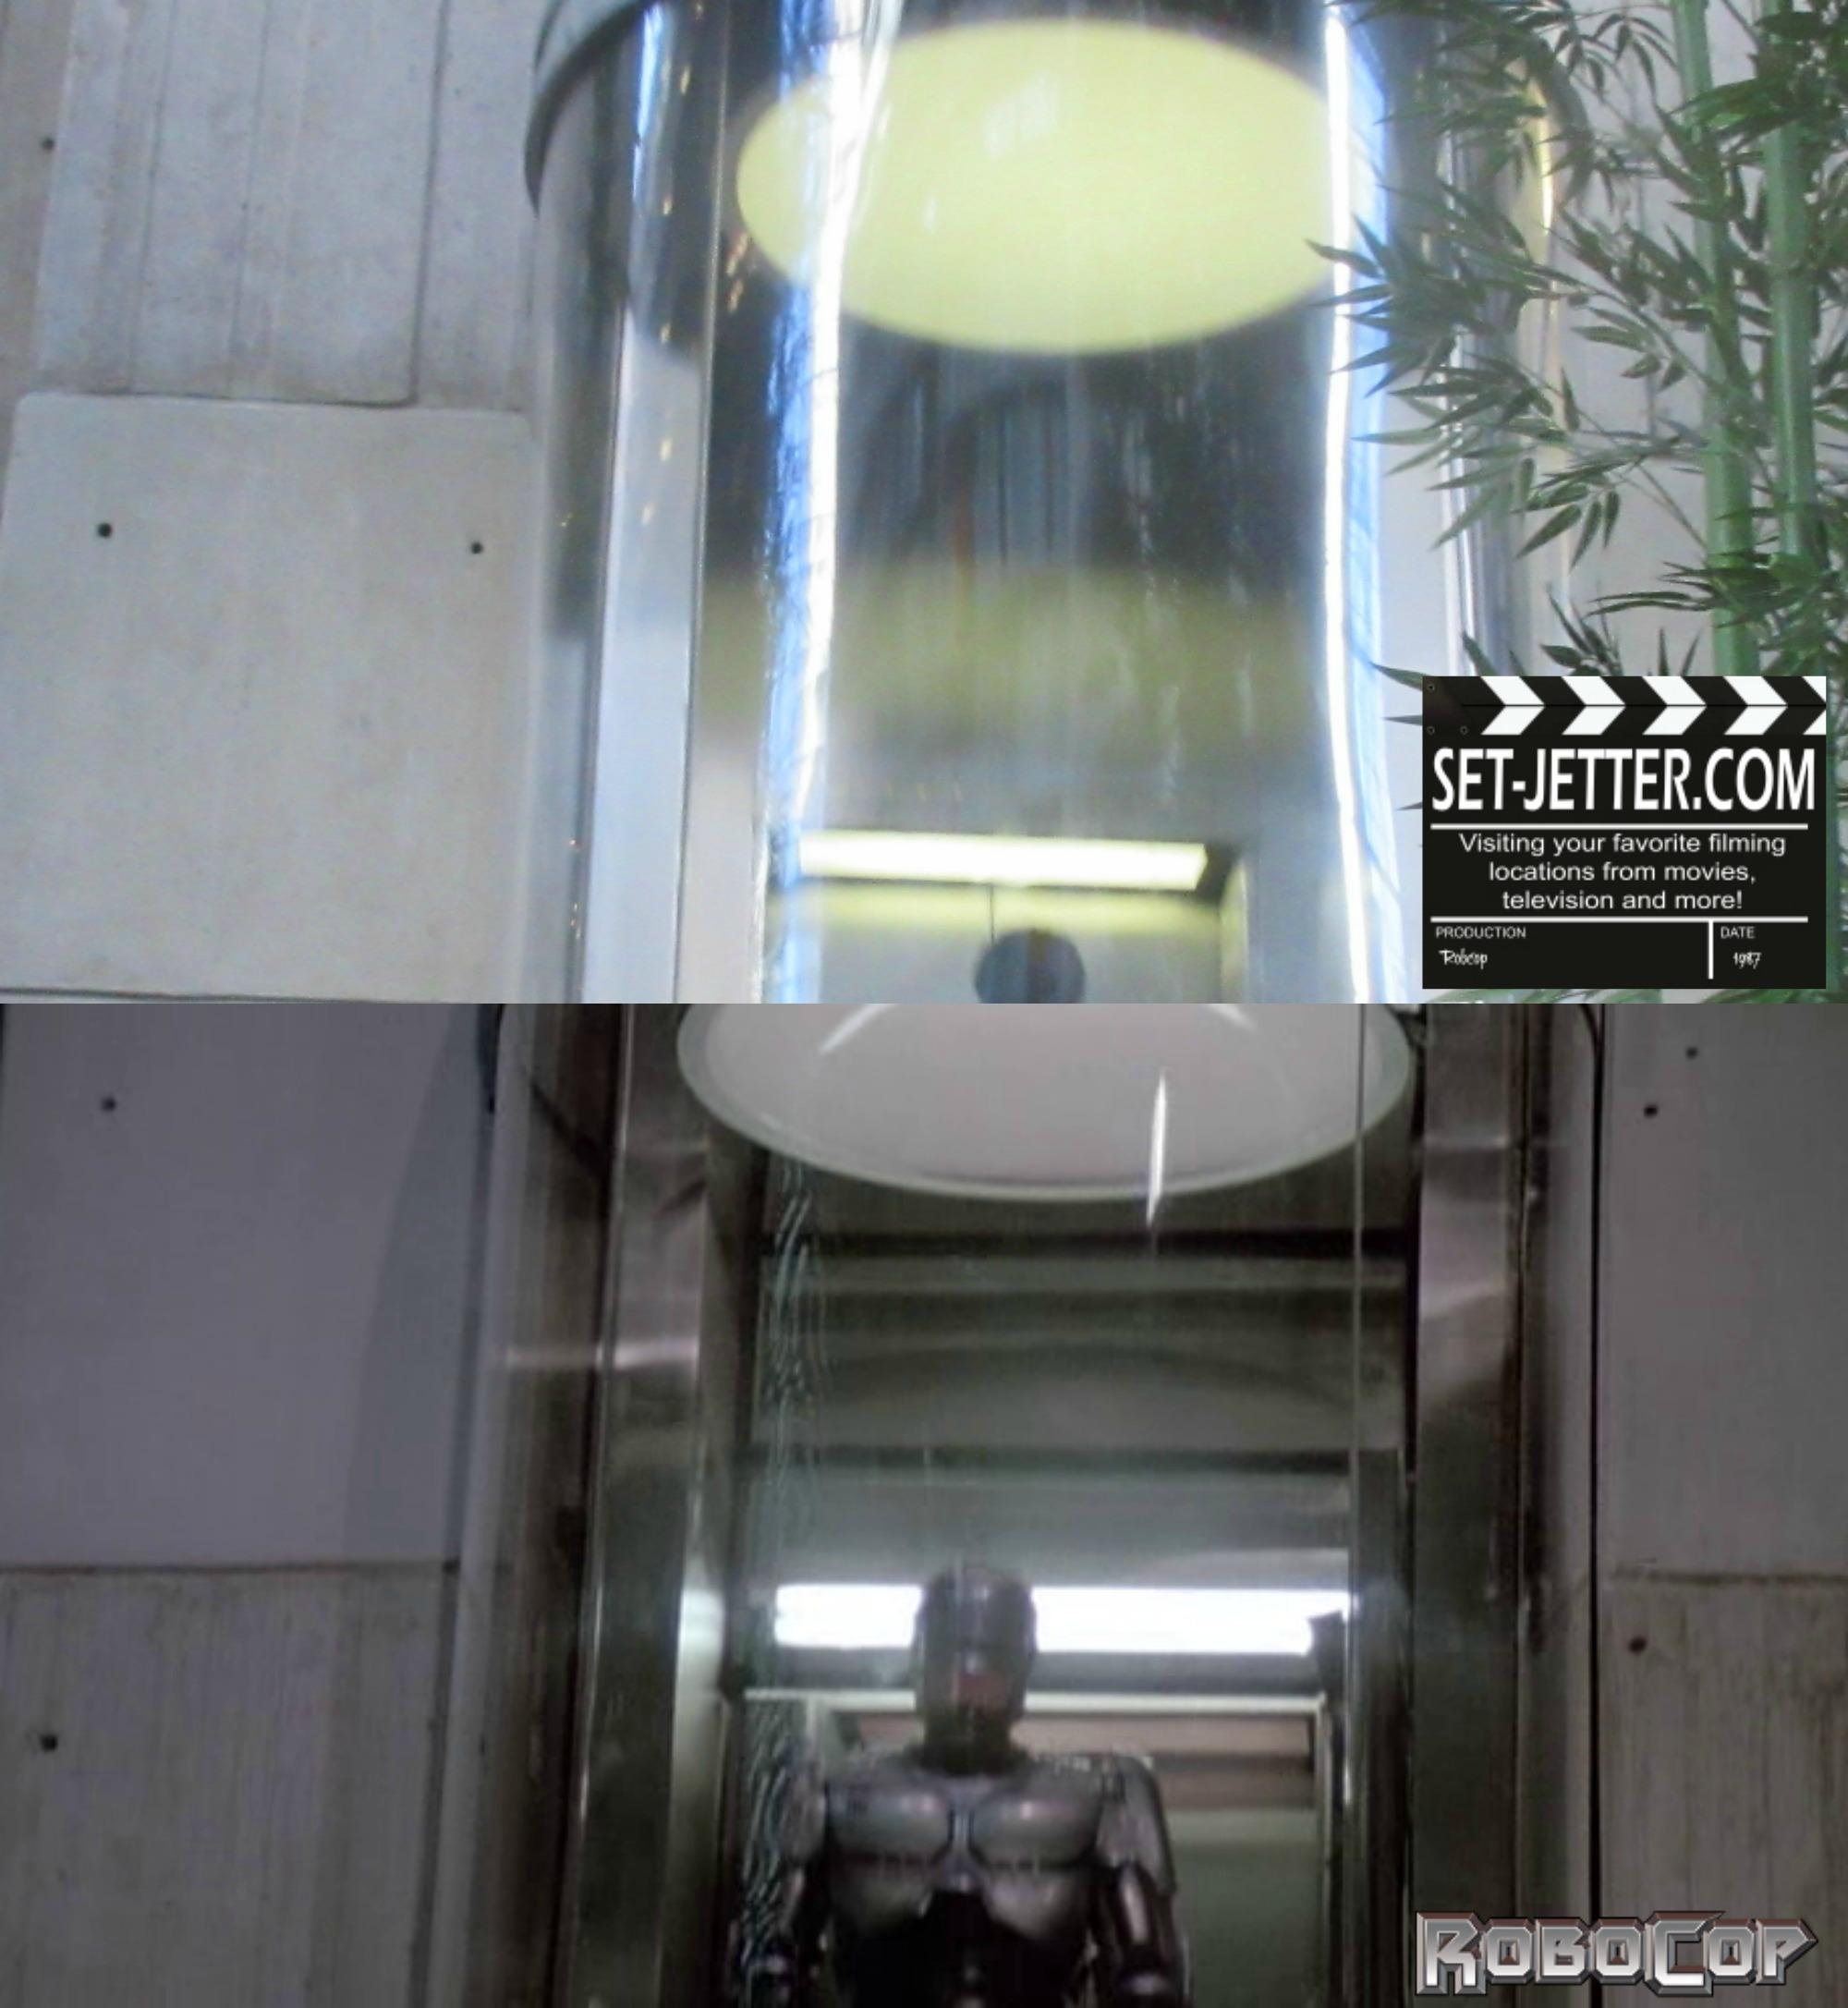 Robocop comparison 24.jpg